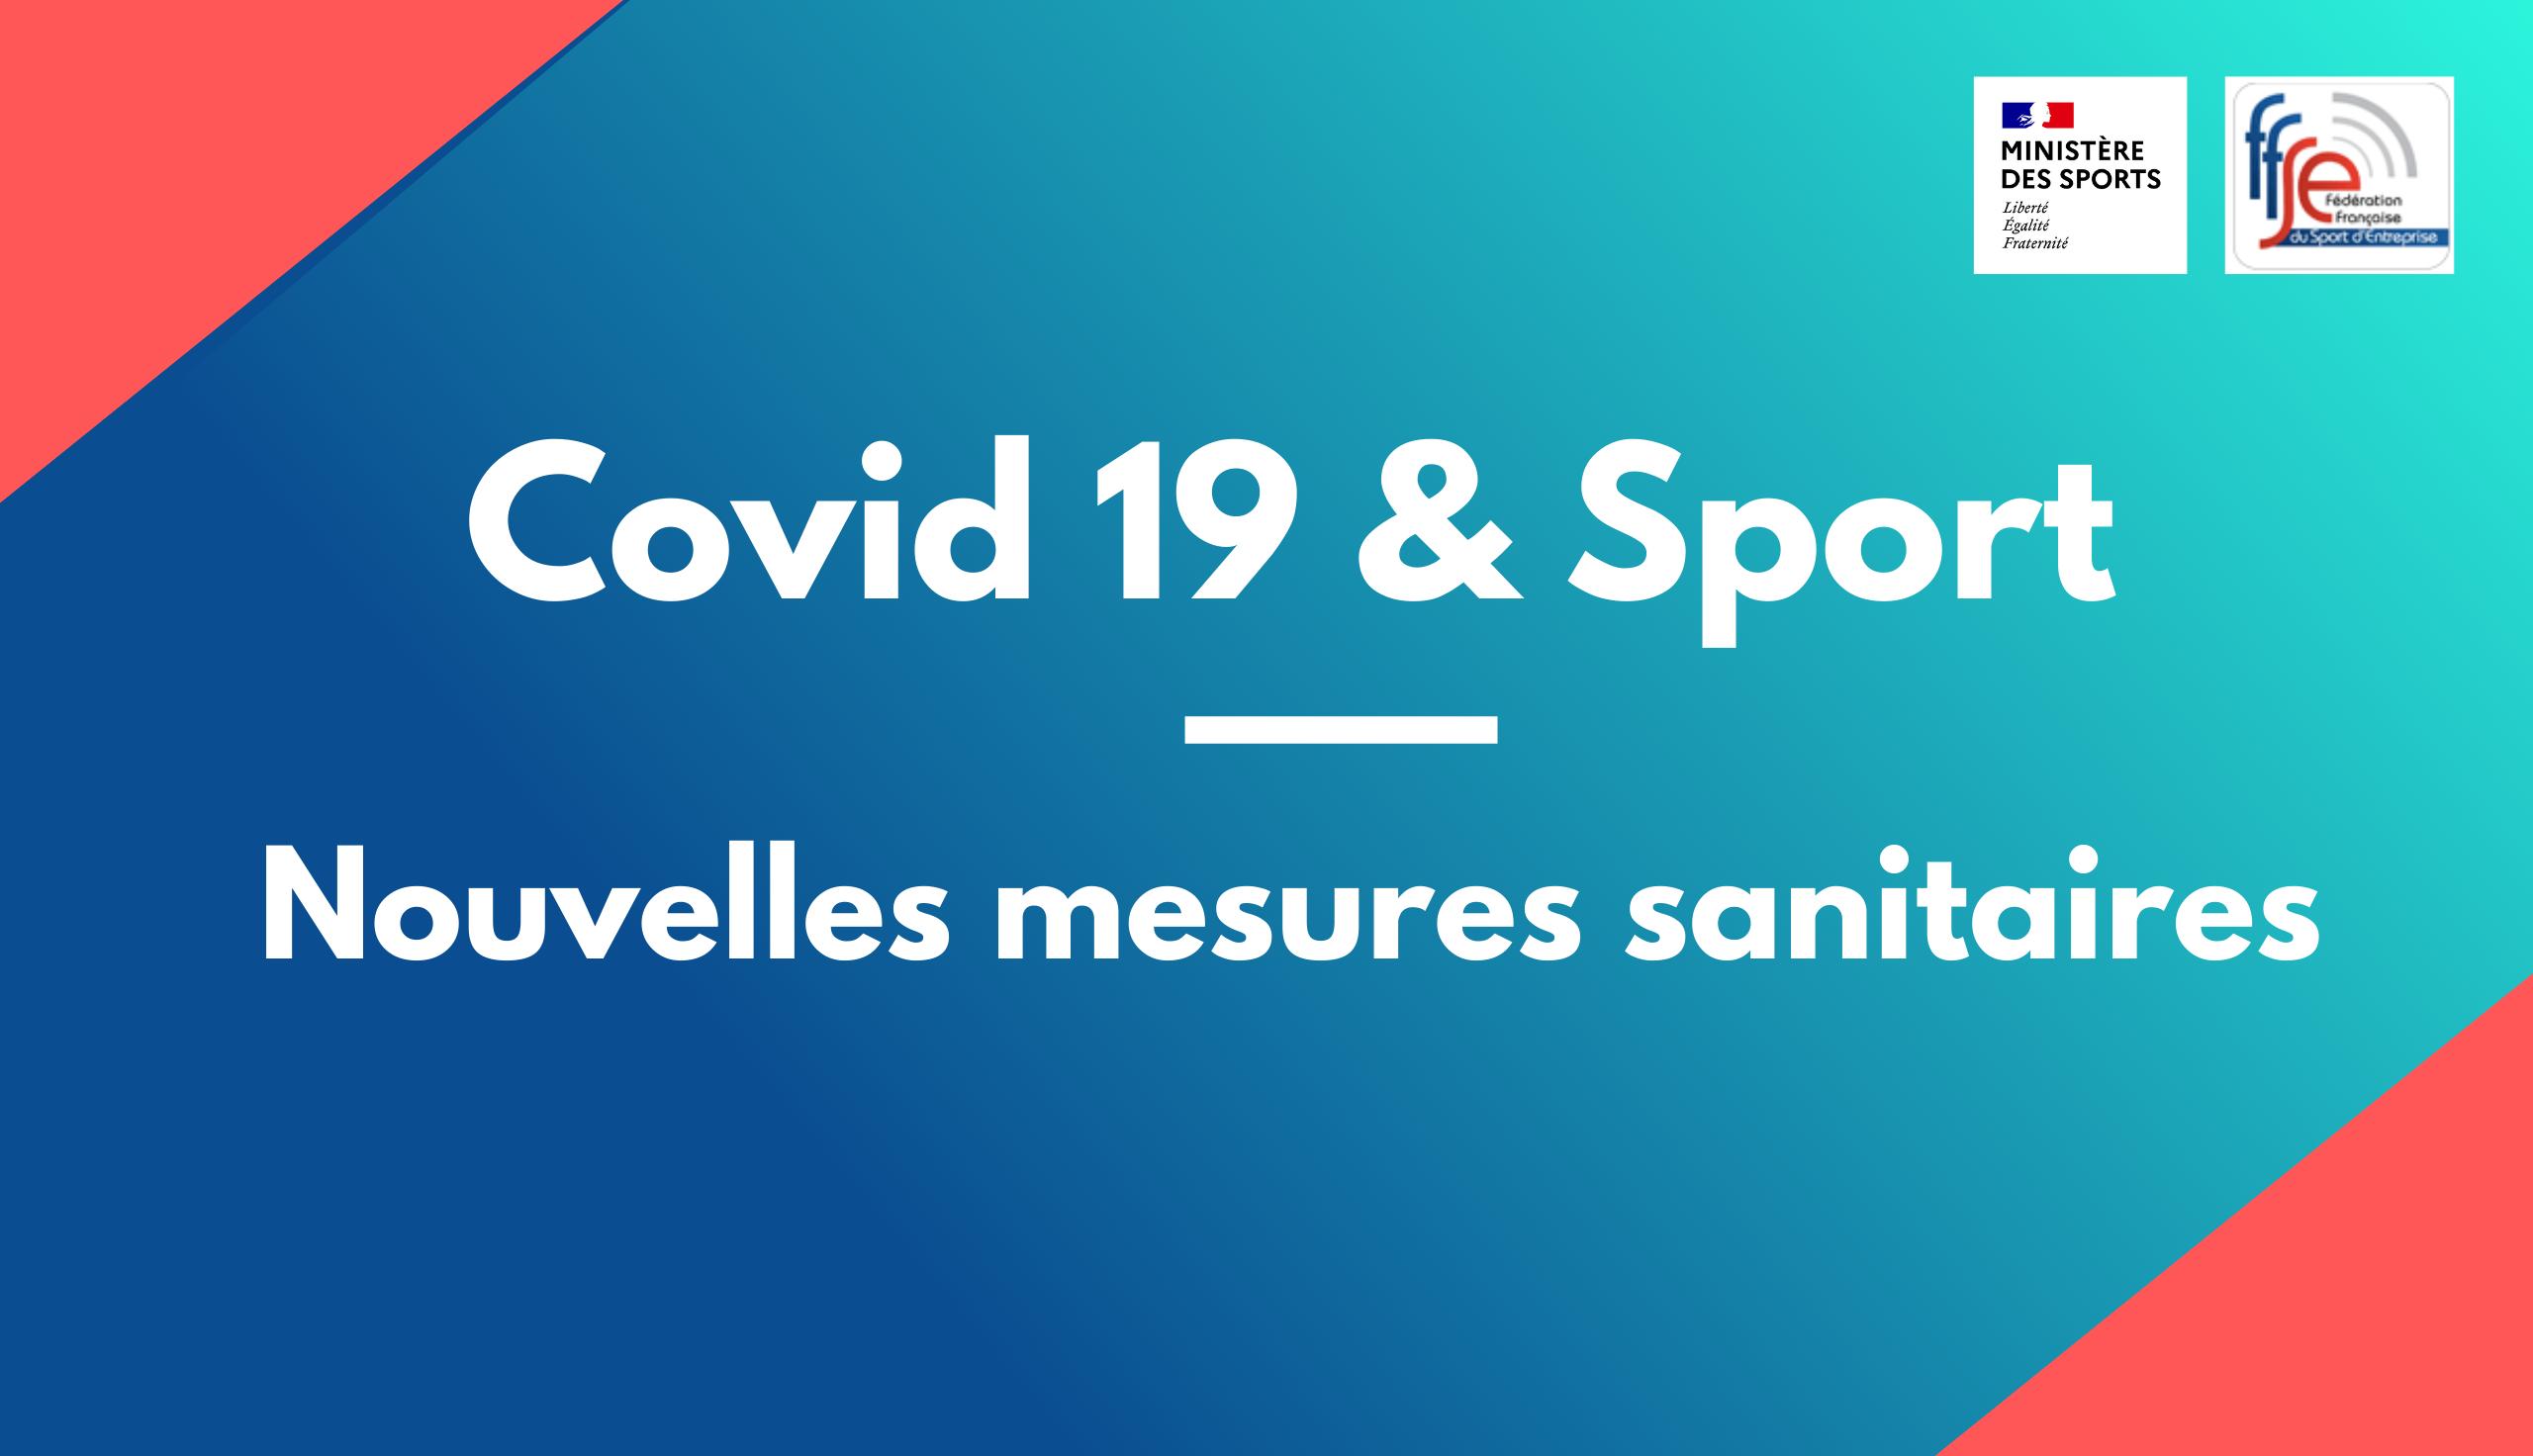 Déclinaison des décisions sanitaires pour le sport à partir du 3 avril 2021